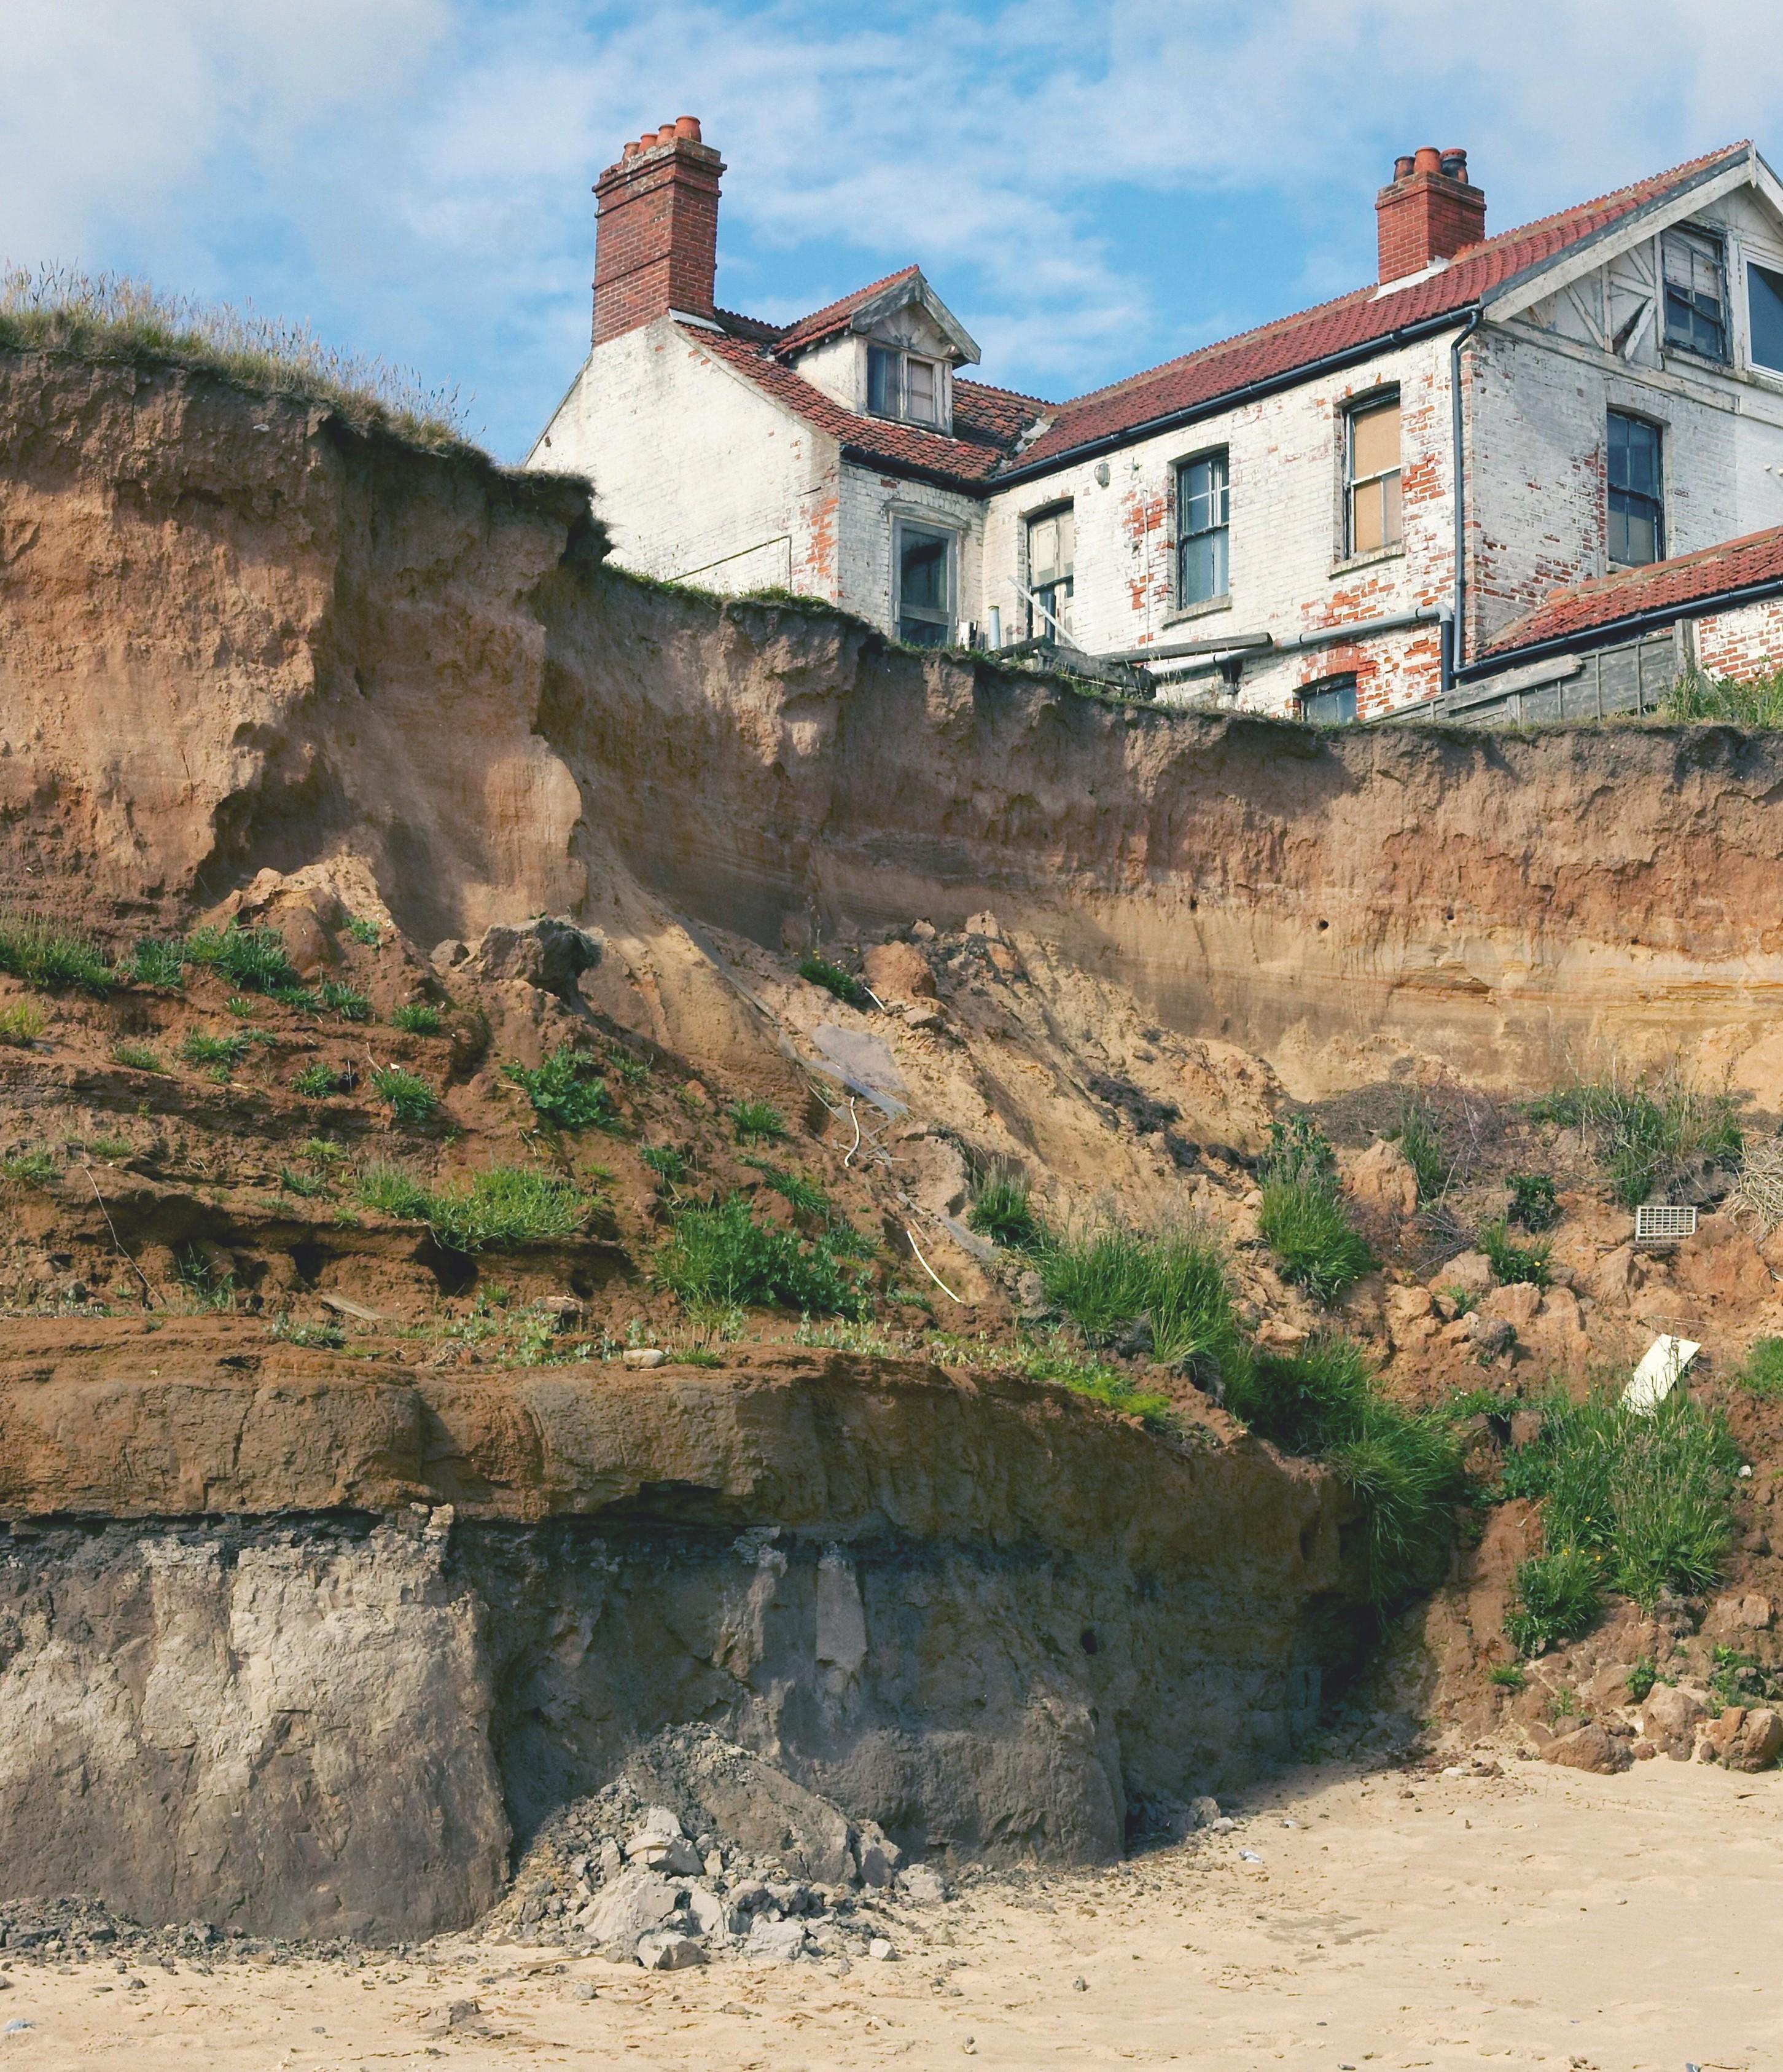 Le recul de la côte de Happisburgh au nord de l'Angleterre : les côtes s'érodent jusqu'à 9 mètres par an, ce qui menace les constructions les plus proches.